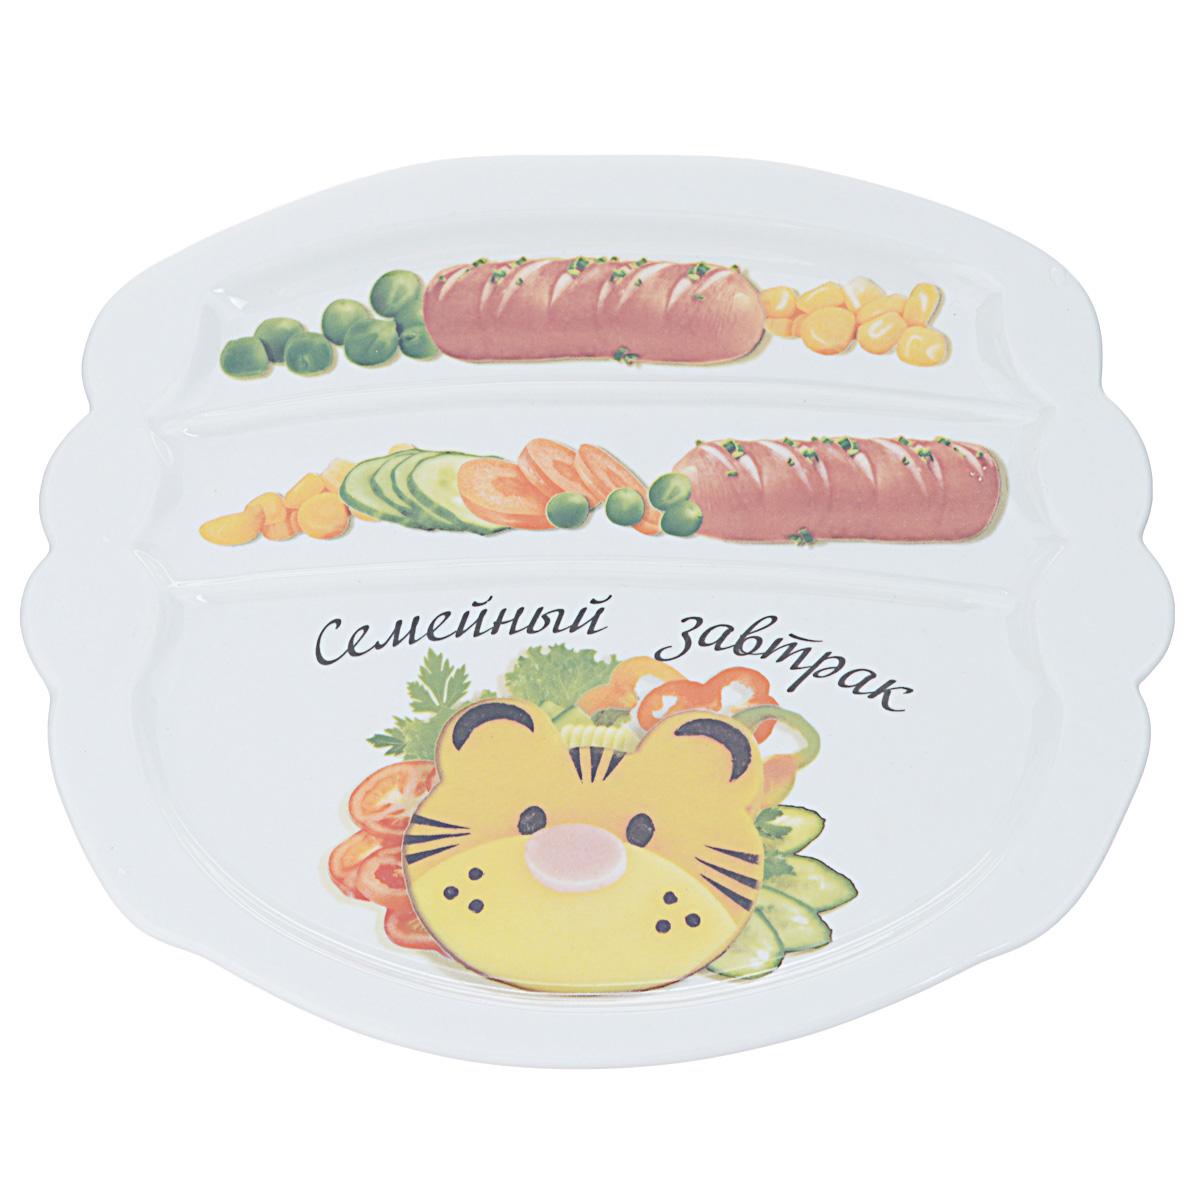 Тарелка для завтрака LarangE Семейный завтрак у тигра, 22,5 х 19 x 1,5 см589-311Тарелка для завтрака LarangE изготовлена из высококачественной керамики. Изделие украшено ярким изображением. Тарелка имеет три отделения: 2 маленьких отделения для сосисок и одно большое отделение для яичницы или другого блюда. Можно использовать в СВЧ печах, духовом шкафу и холодильнике. Не применять абразивные чистящие вещества.